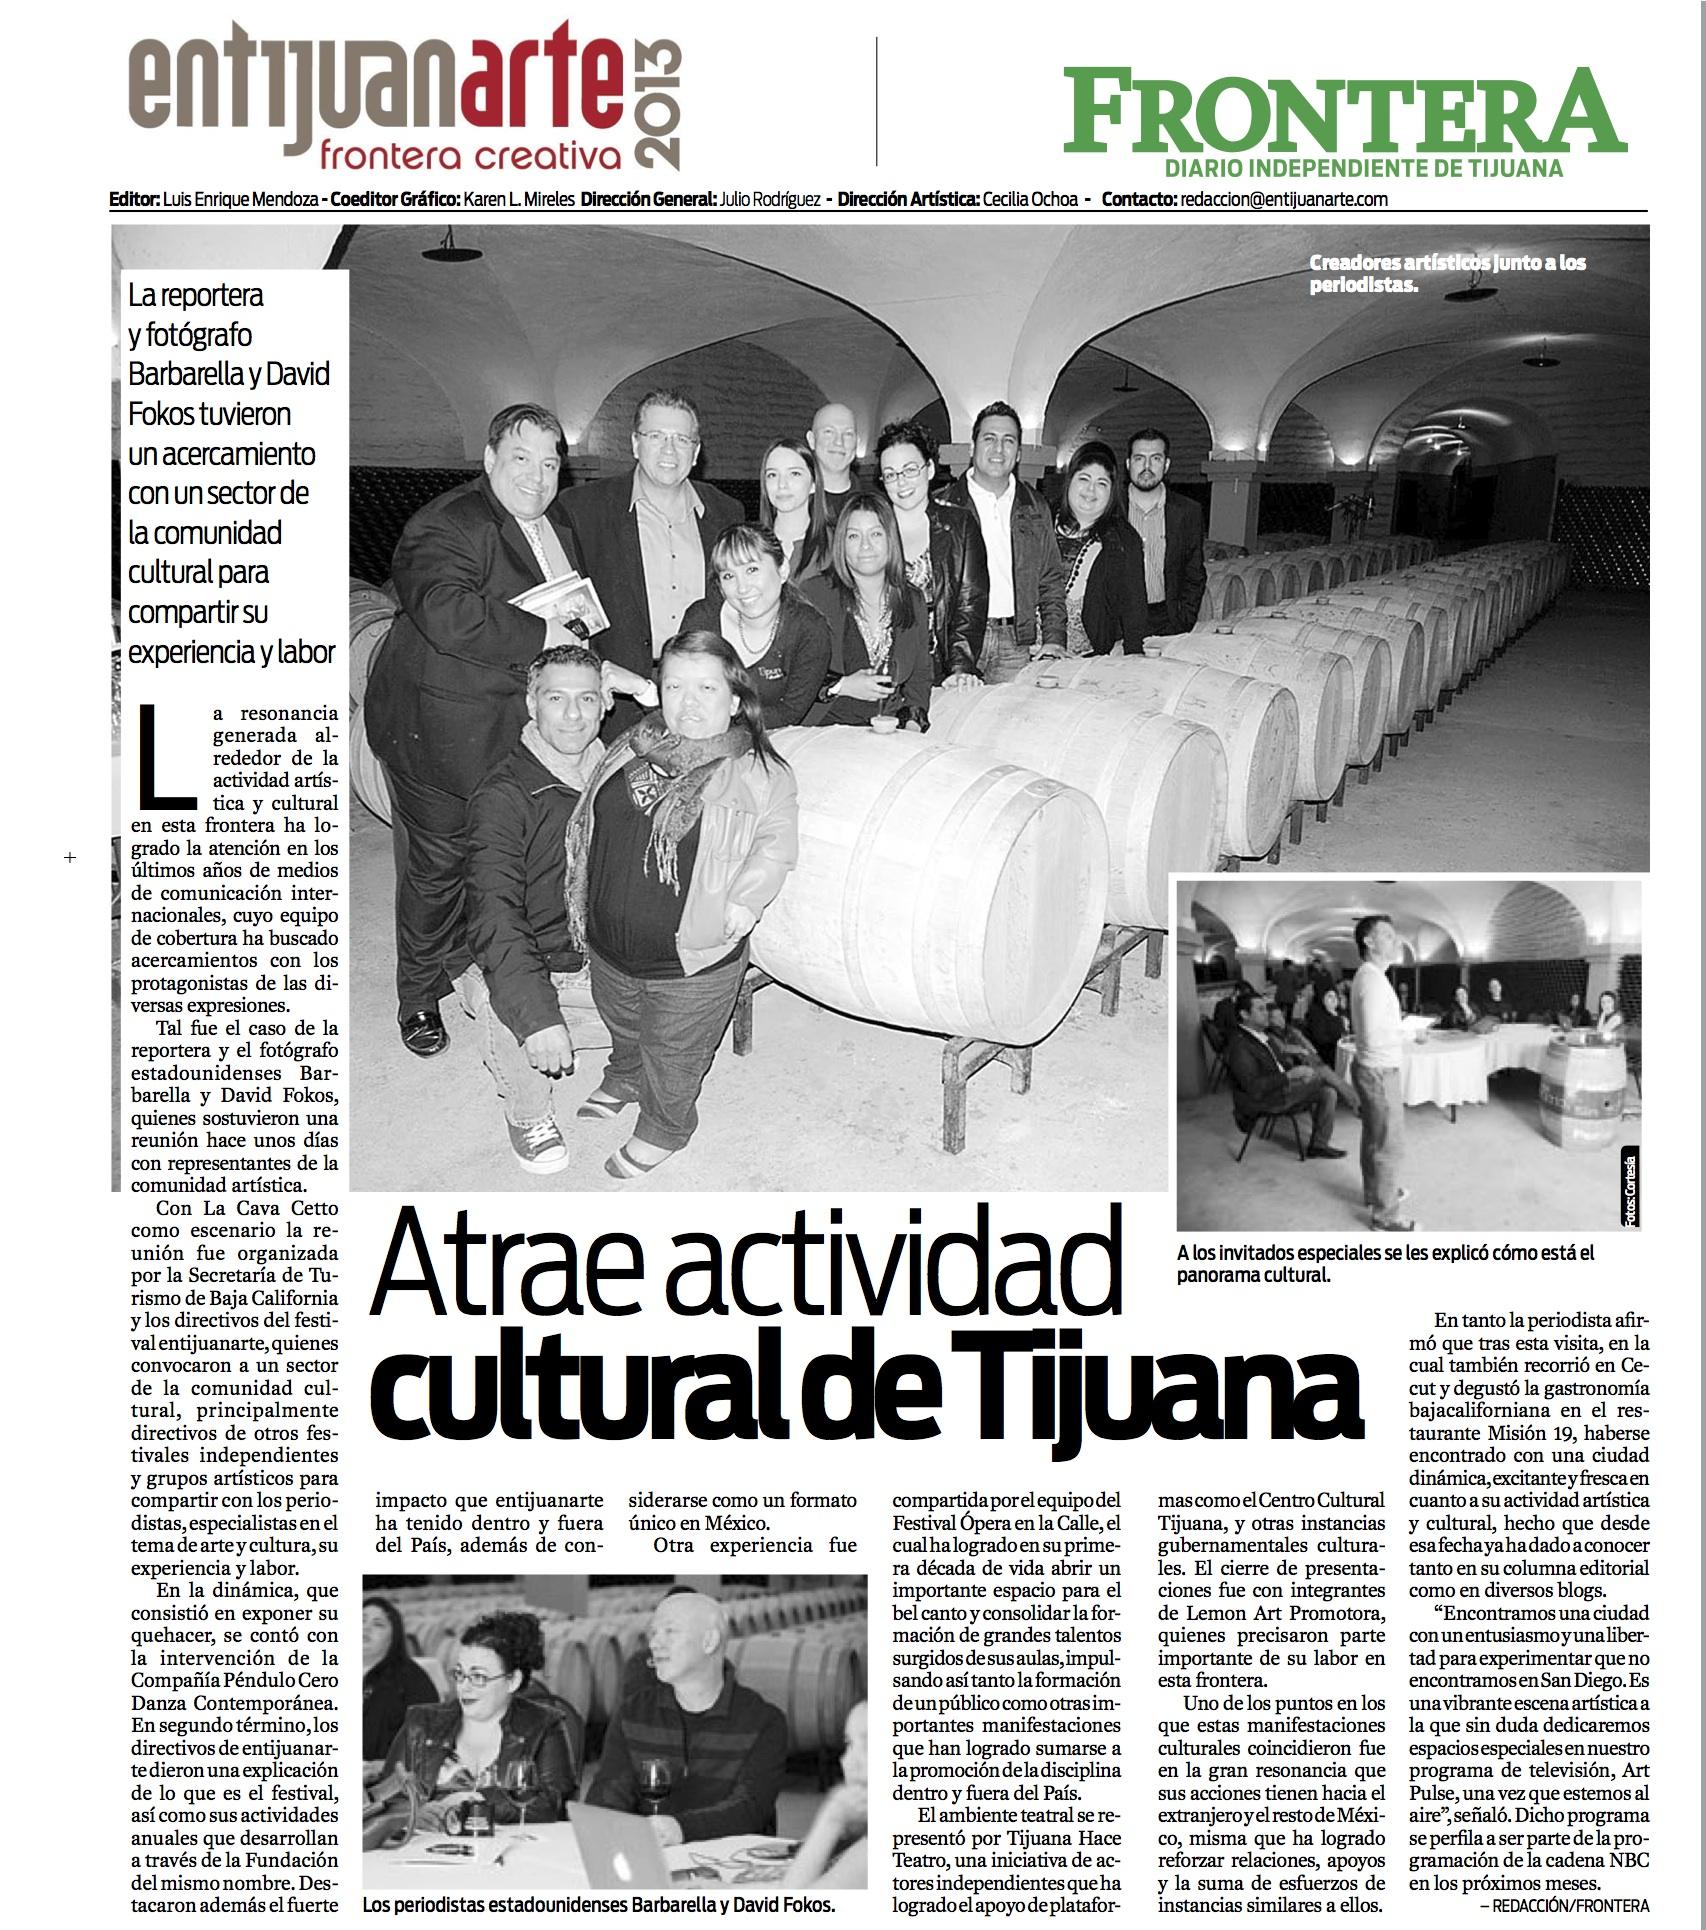 20130412_ESPECTACULOS_4 copy